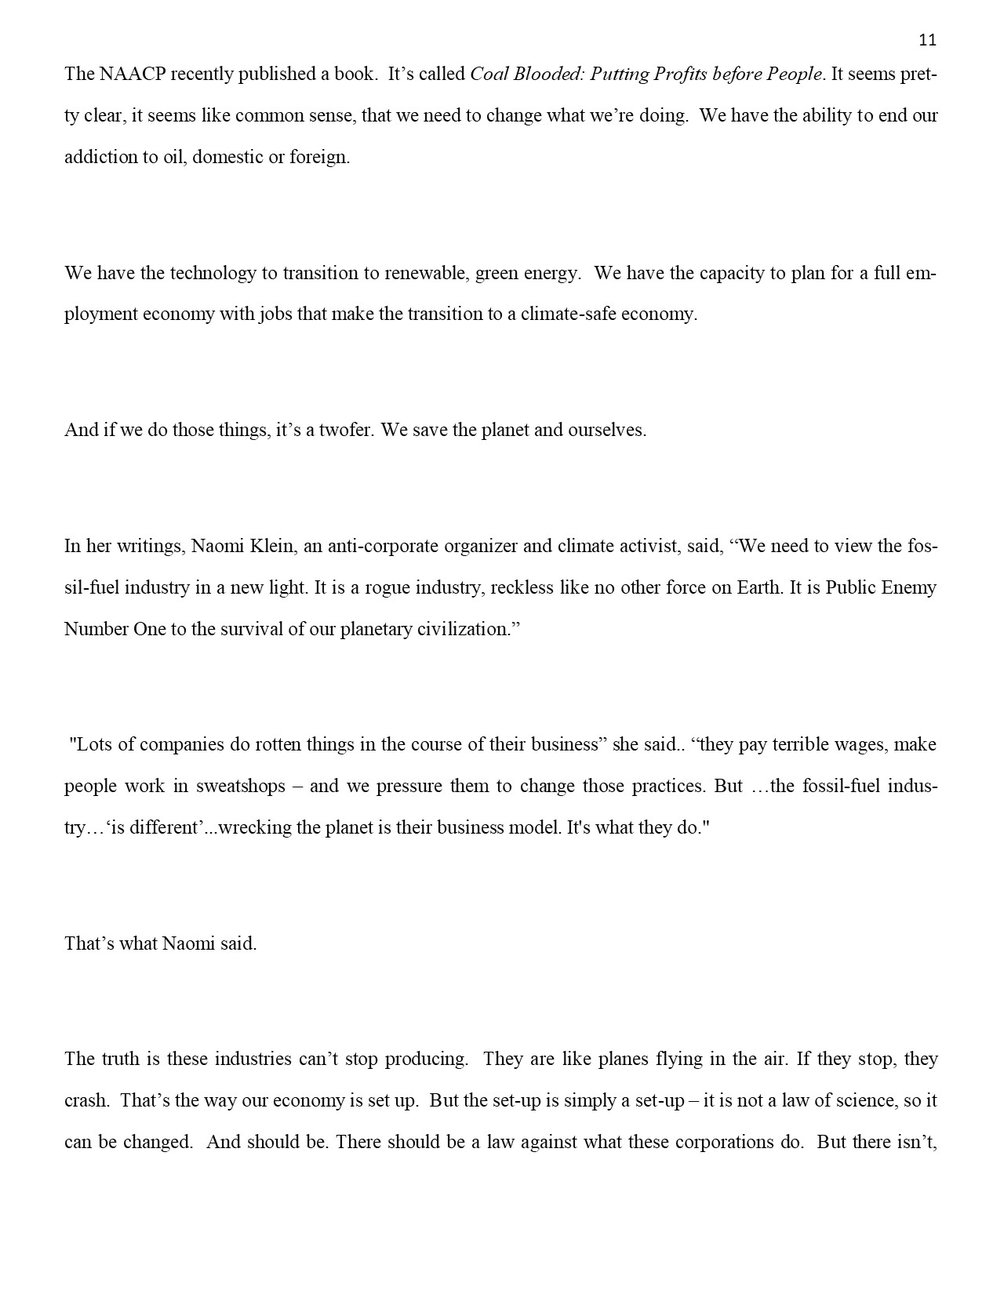 Story of a Hillside - Sabina Virgo (Prose, Essay)-11.jpg